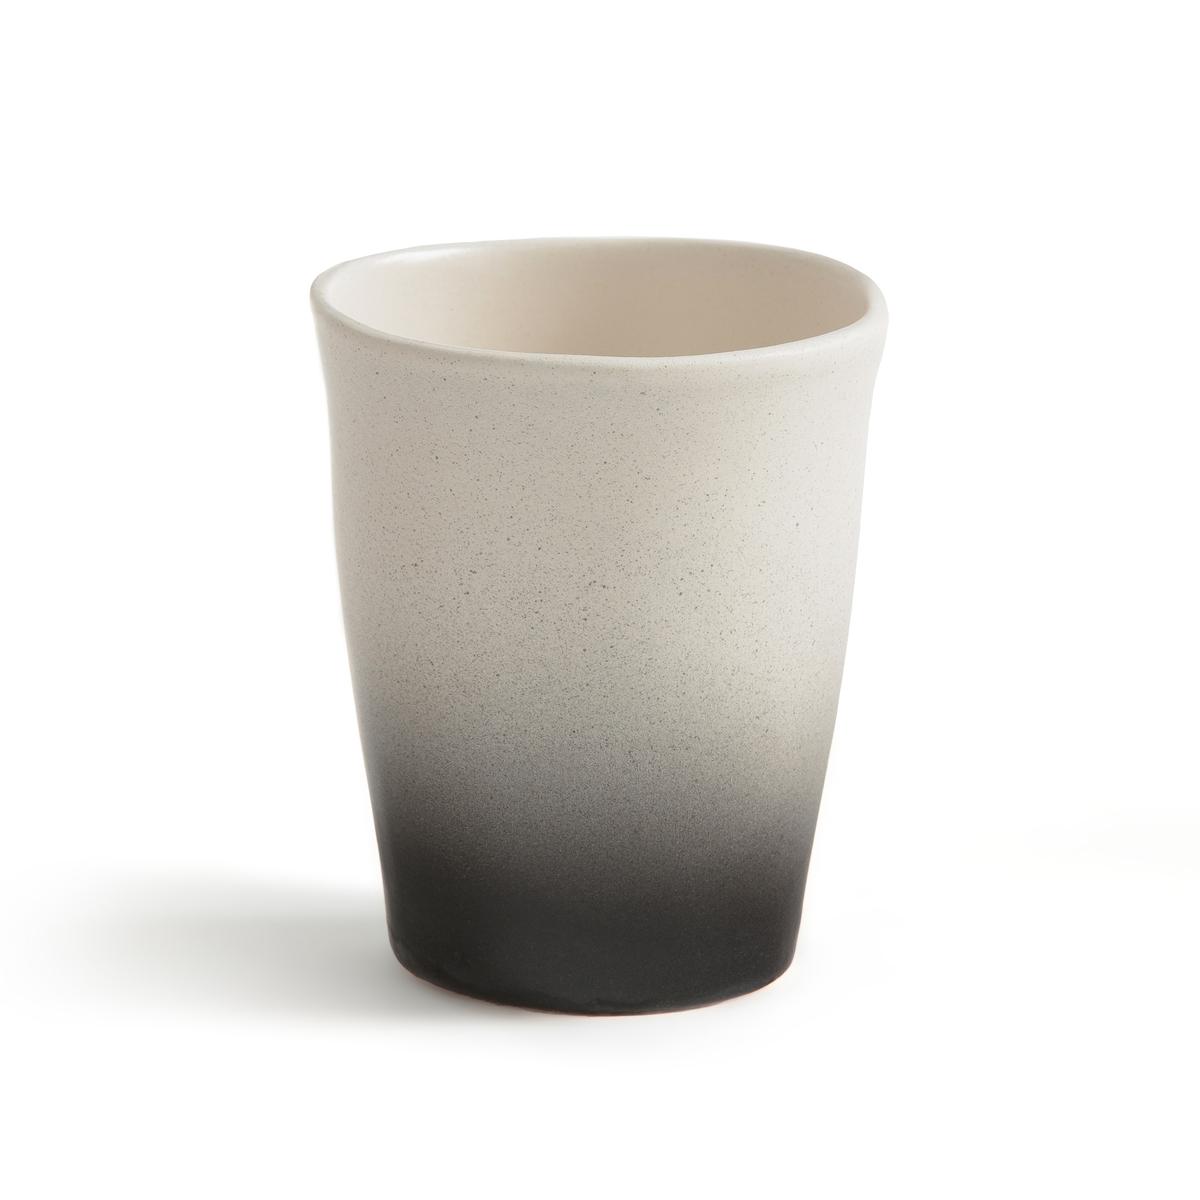 Комплект из 4 кофейных чашек из фаянса, Asaka, дизайн В. Барковски от La Redoute